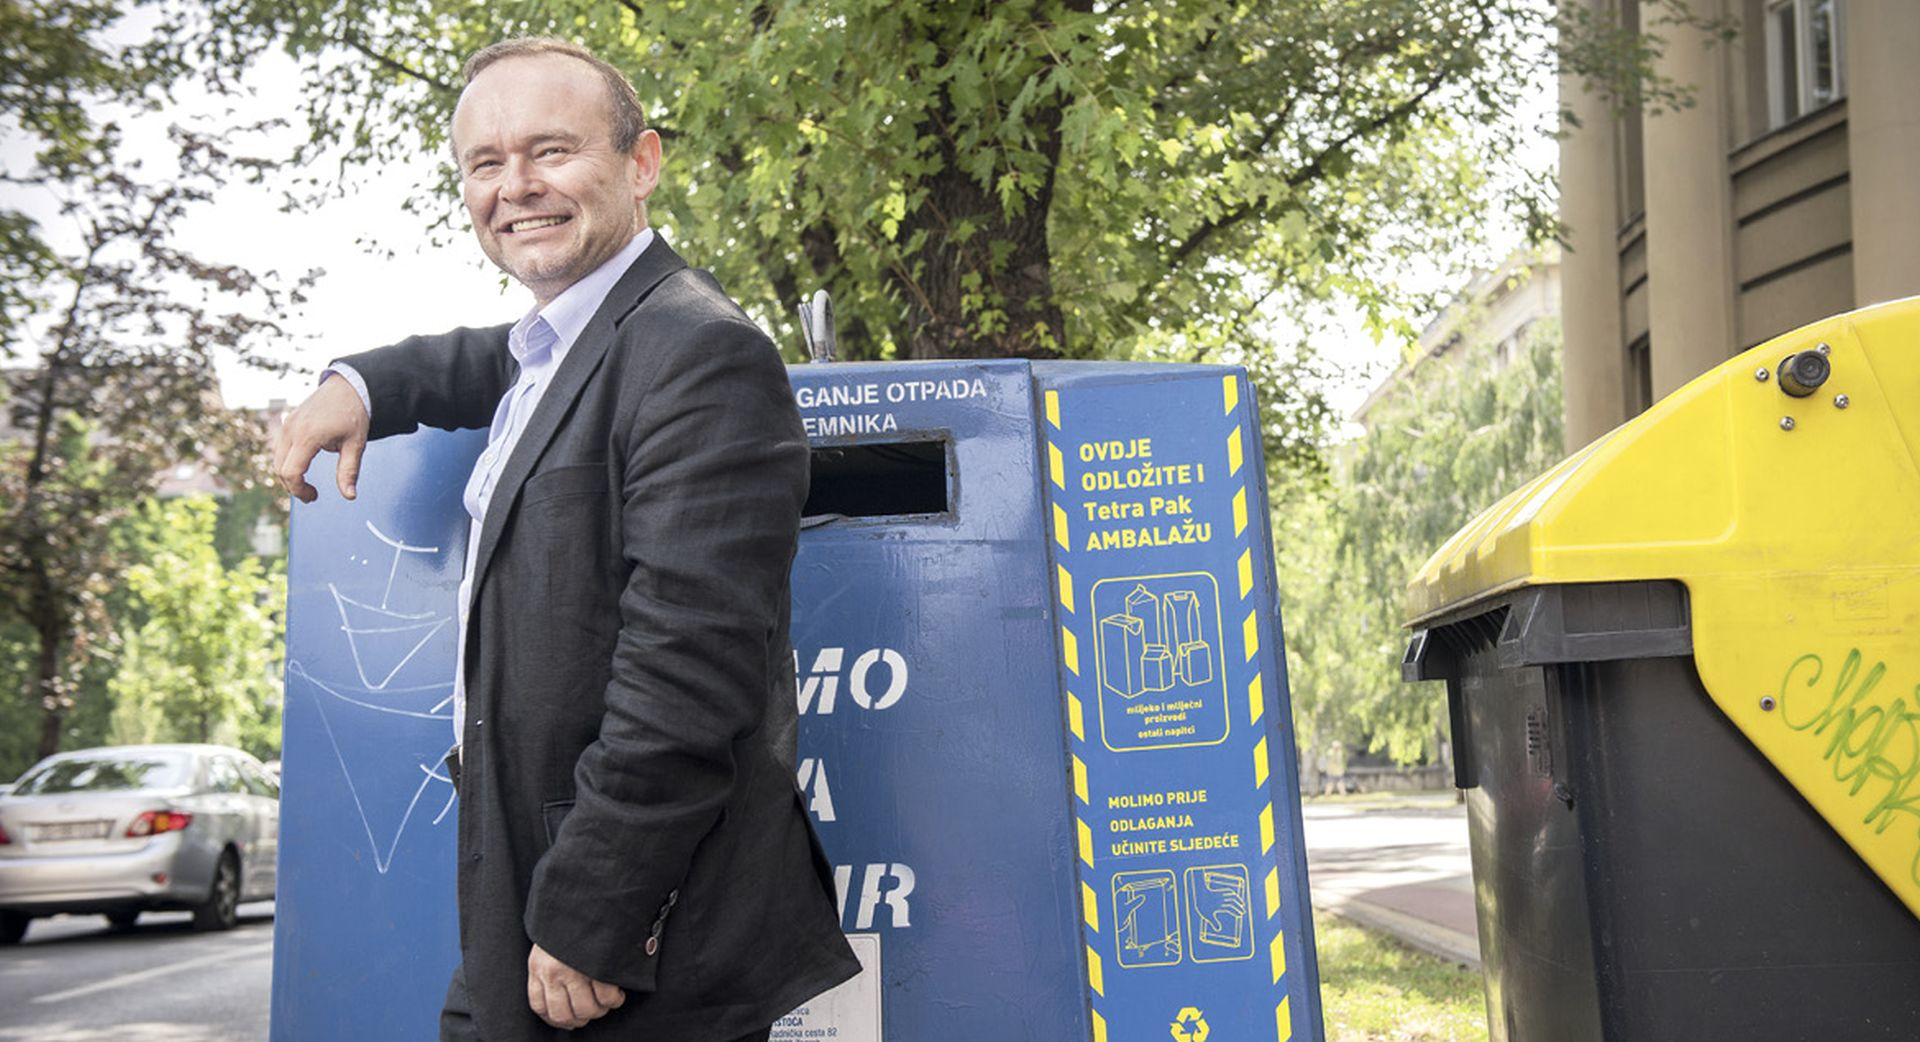 'Nema alternative odvajanju otpada na kućnom pragu, ali nema šanse da stignemo EU standarde'